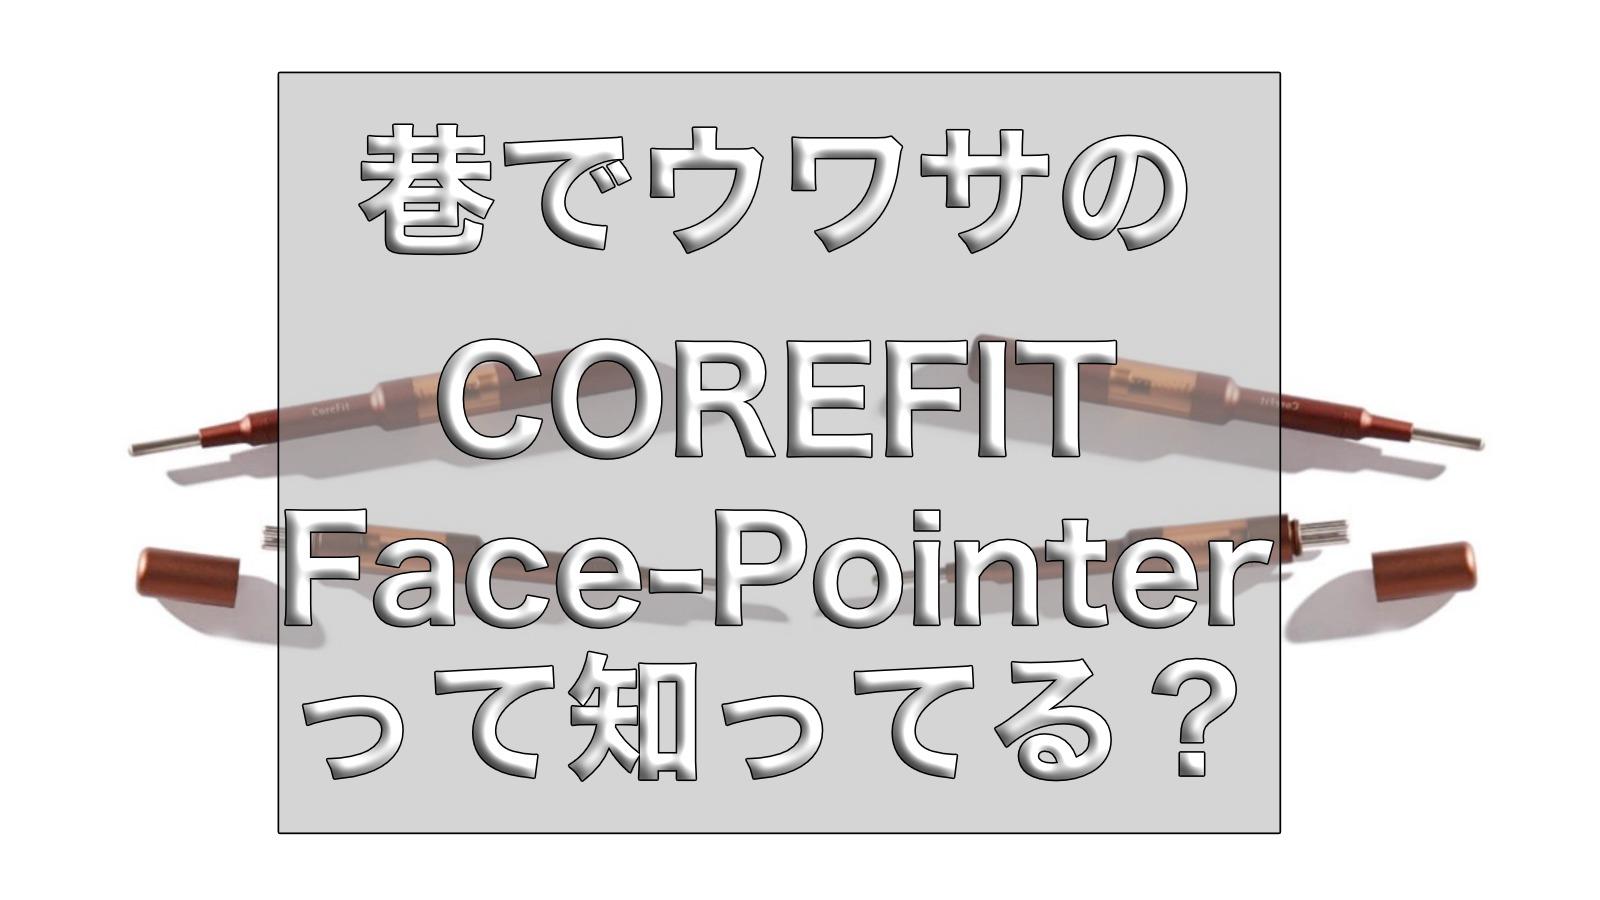 2分で小顔に!?美顔のためのFace-Pointer(フェイスポインター)の価格、口コミ、購入方法など